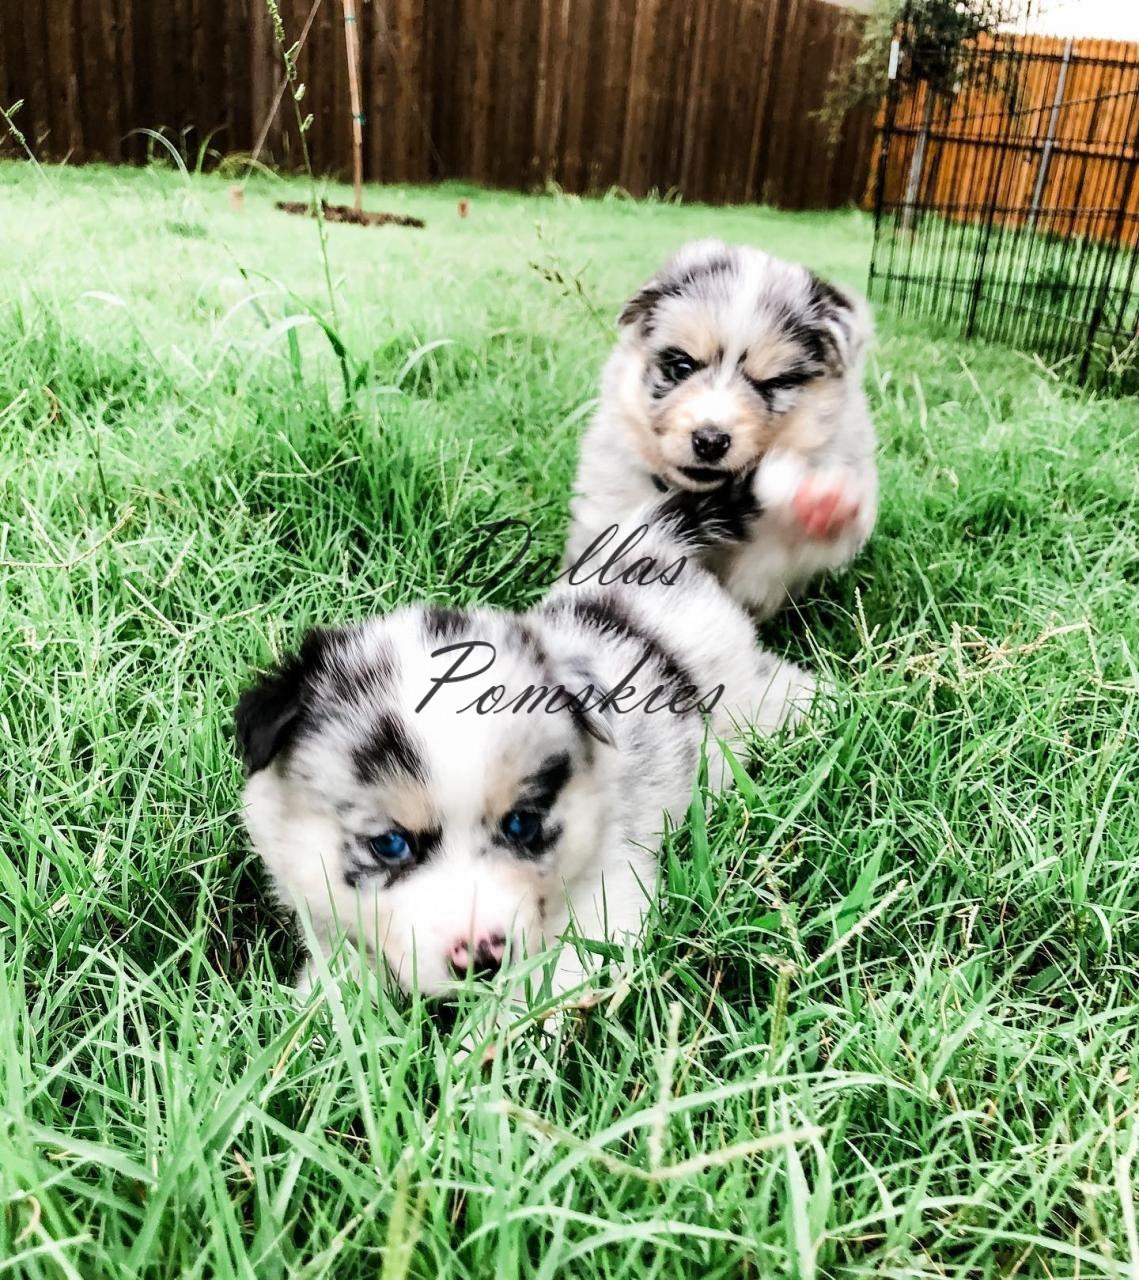 TAG, you're it! . . #pomsky #pomskies #pomskys #pomskypuppy #pomskypuppies #pomskybreeder #dallaspomskies #merle #bluemerle #merlepomsky #husky #pomeranian #dogsofinstagram #dogsofig #puppies #puppiesofinstgram #dallas #tx #texas #merlepuppy #blueeyes #blueeyedpuppy #cuddle #puppiesforsale #pomskypuppiesforsale TAG, you're it! . . #pomsky #pomskies #pomskys #pomskypuppy #pomskypuppies #pomskybreeder #dallaspomskies #merle #bluemerle #merlepomsky #husky #pomeranian #dogsofinstagram #dogsofig #puppies #puppiesofinstgram #dallas #tx #texas #merlepuppy #blueeyes #blueeyedpuppy #cuddle #puppiesforsale #pomskypuppiesforsale 118948242 3133303330056299 7690187761298988976 n